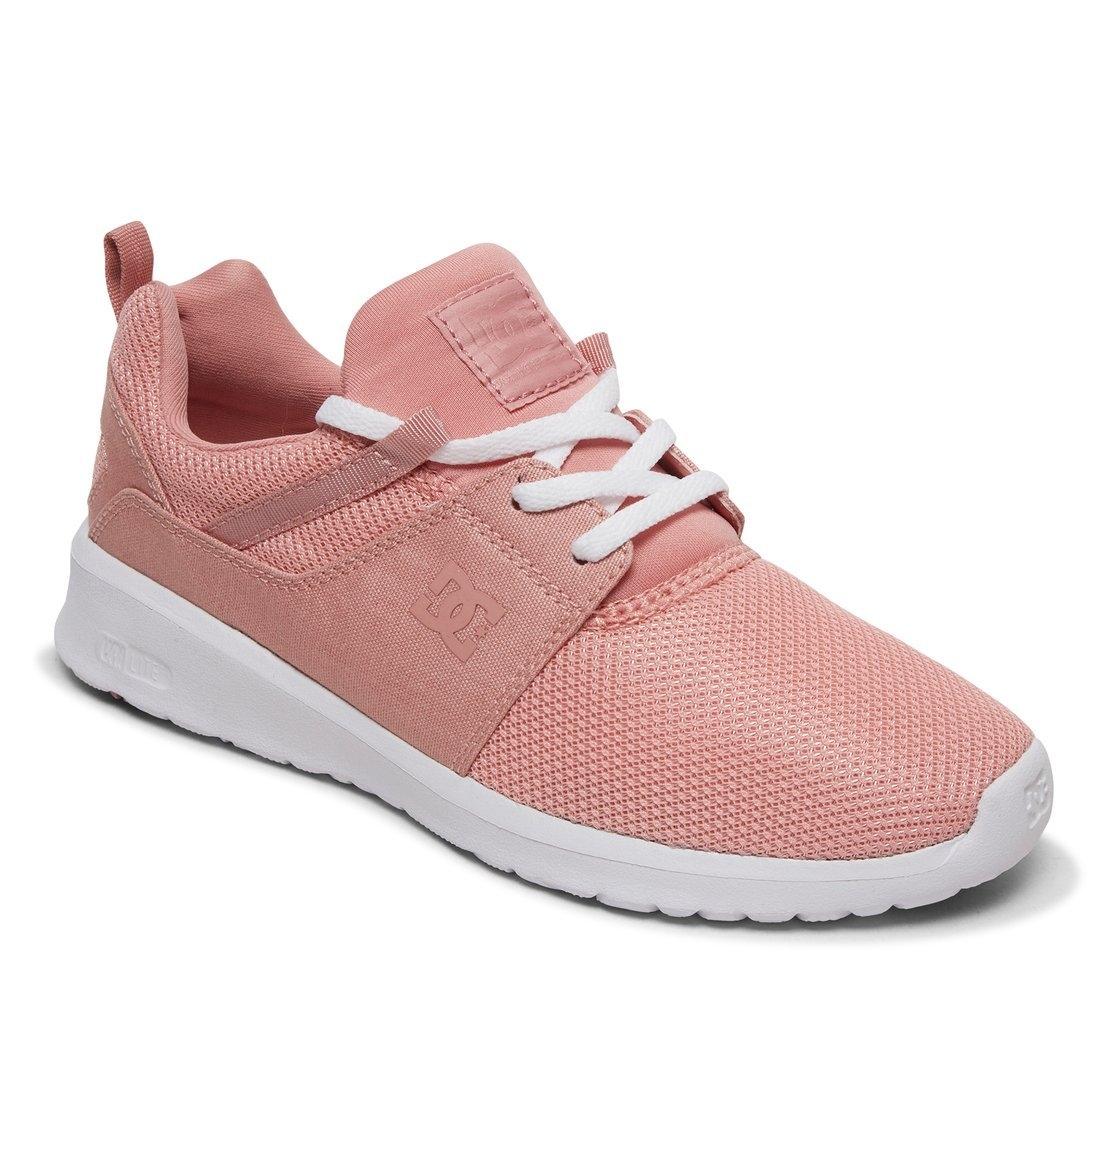 DC Shoes Schoenen »Heathrow« nu online bestellen